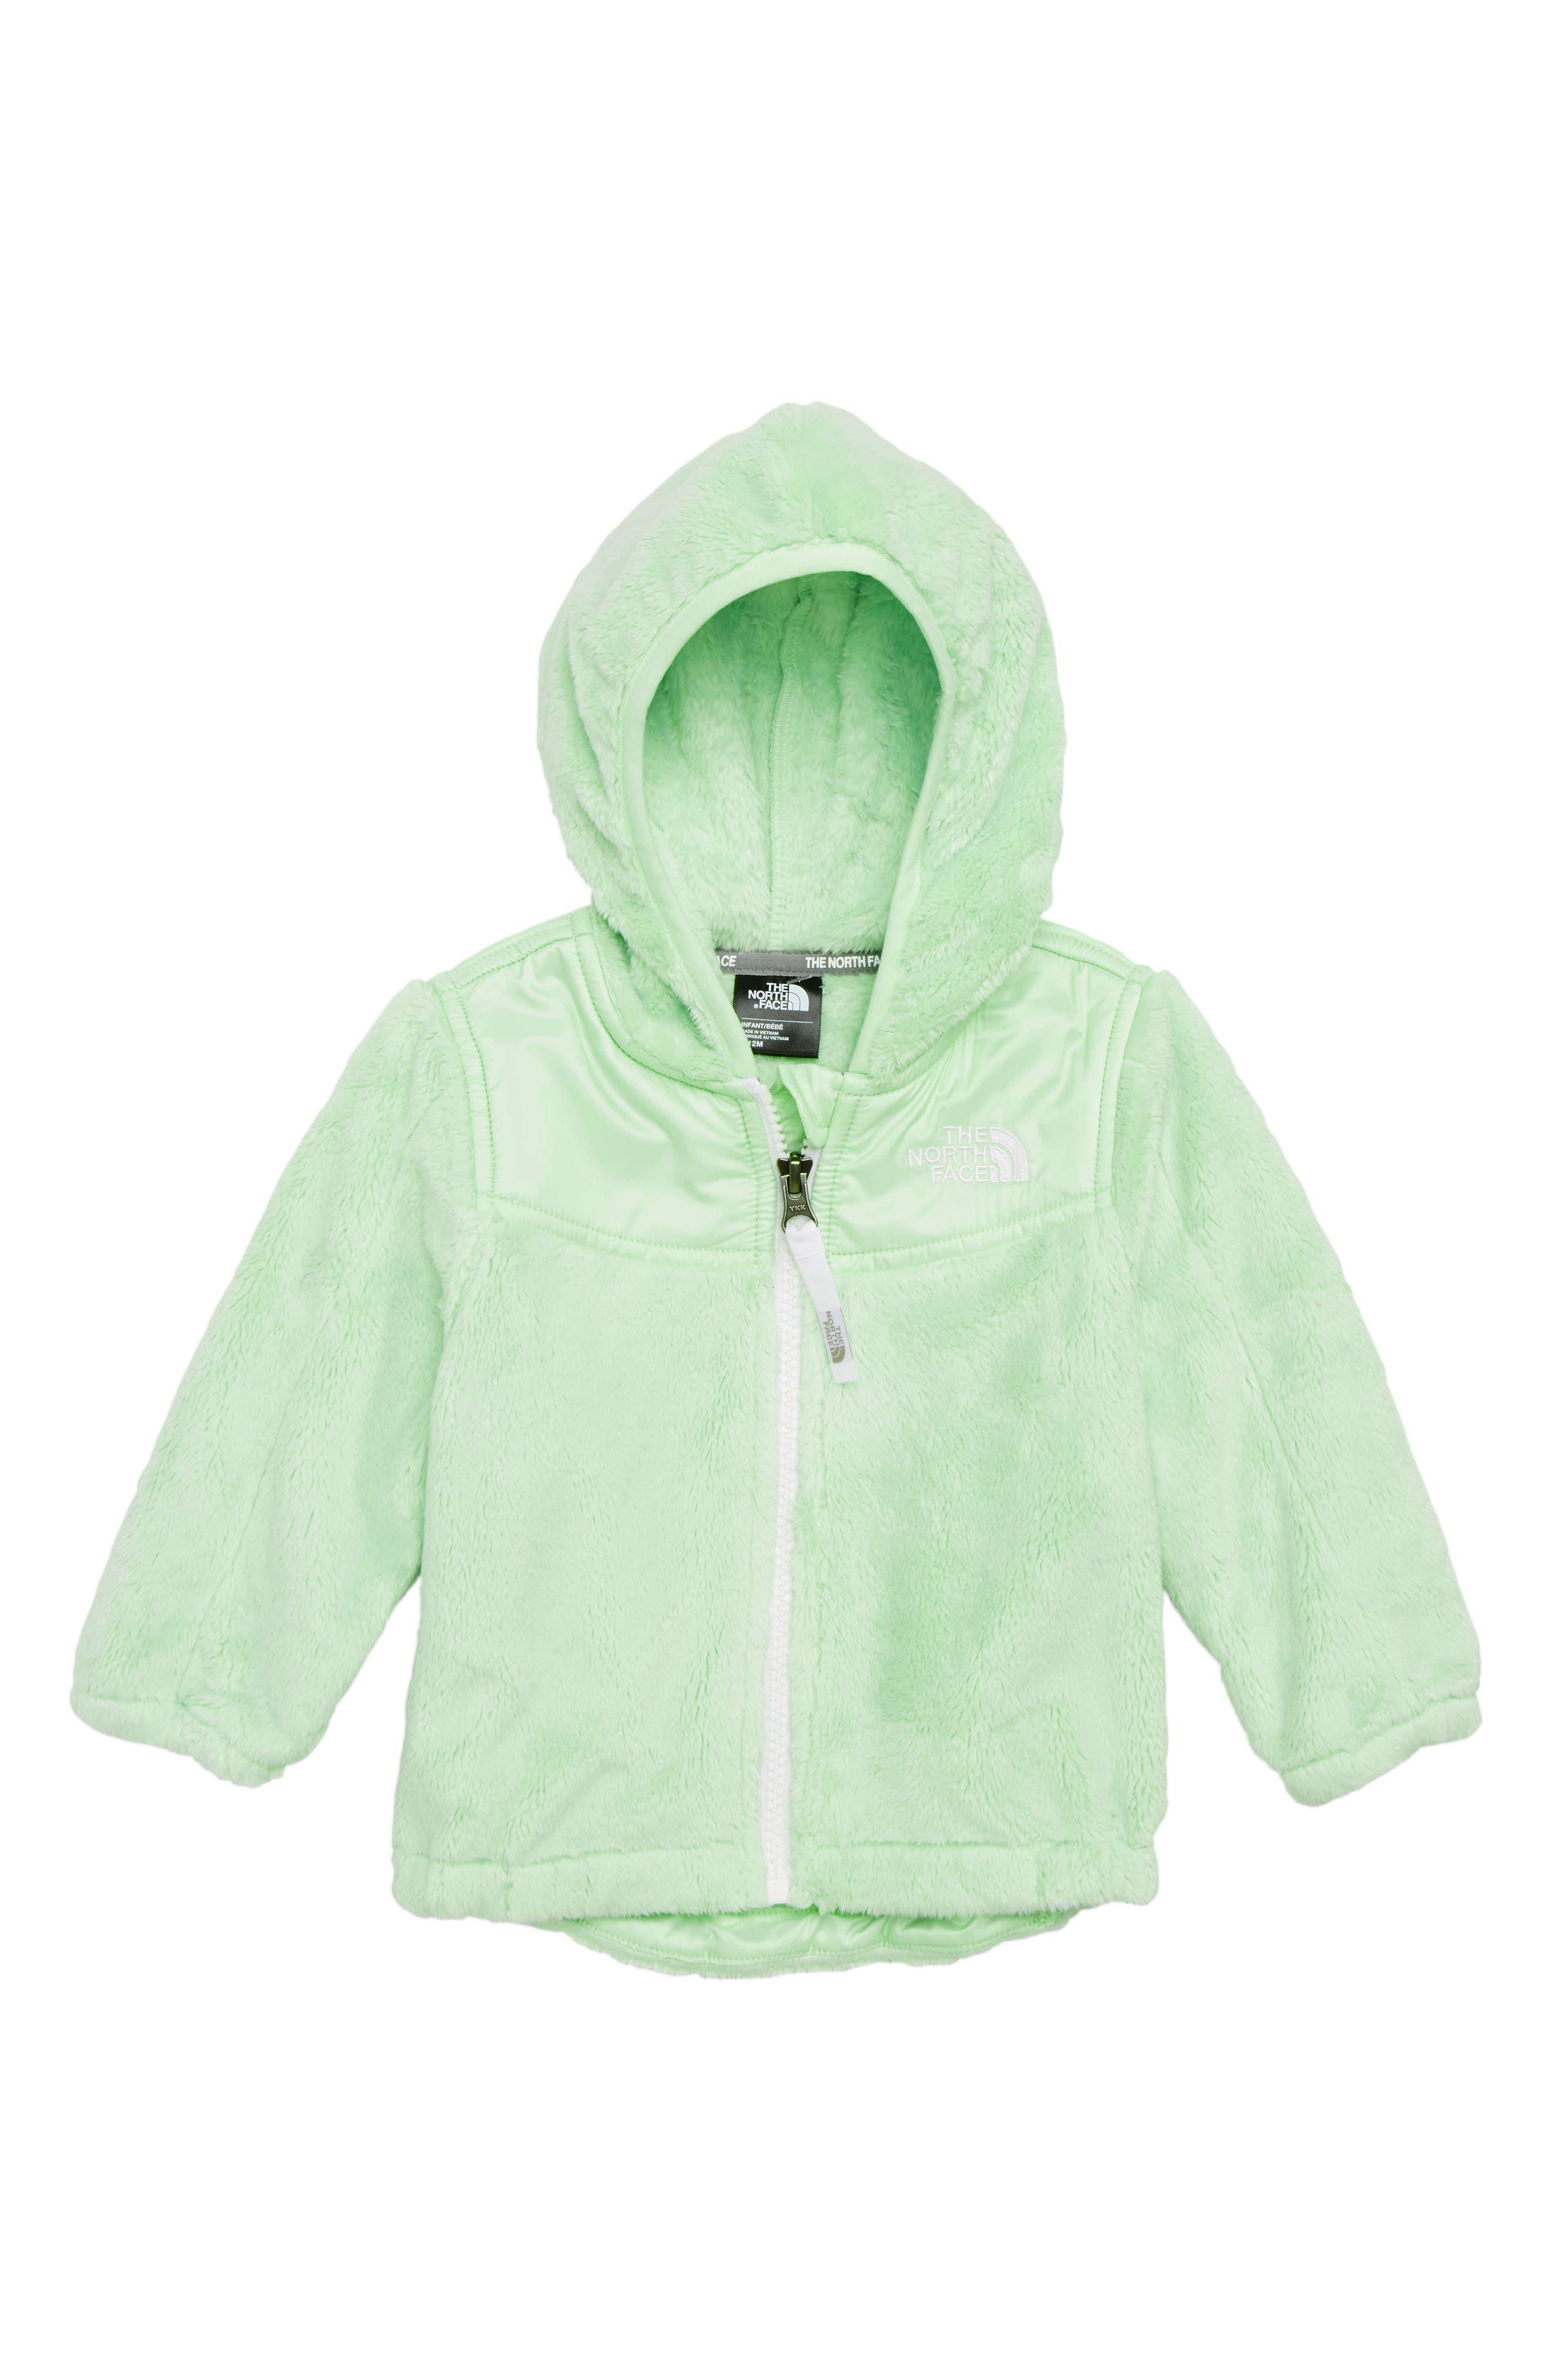 Oso Fleece Hooded Jacket,                             Main thumbnail 1, color,                             AMBROSIA GREEN